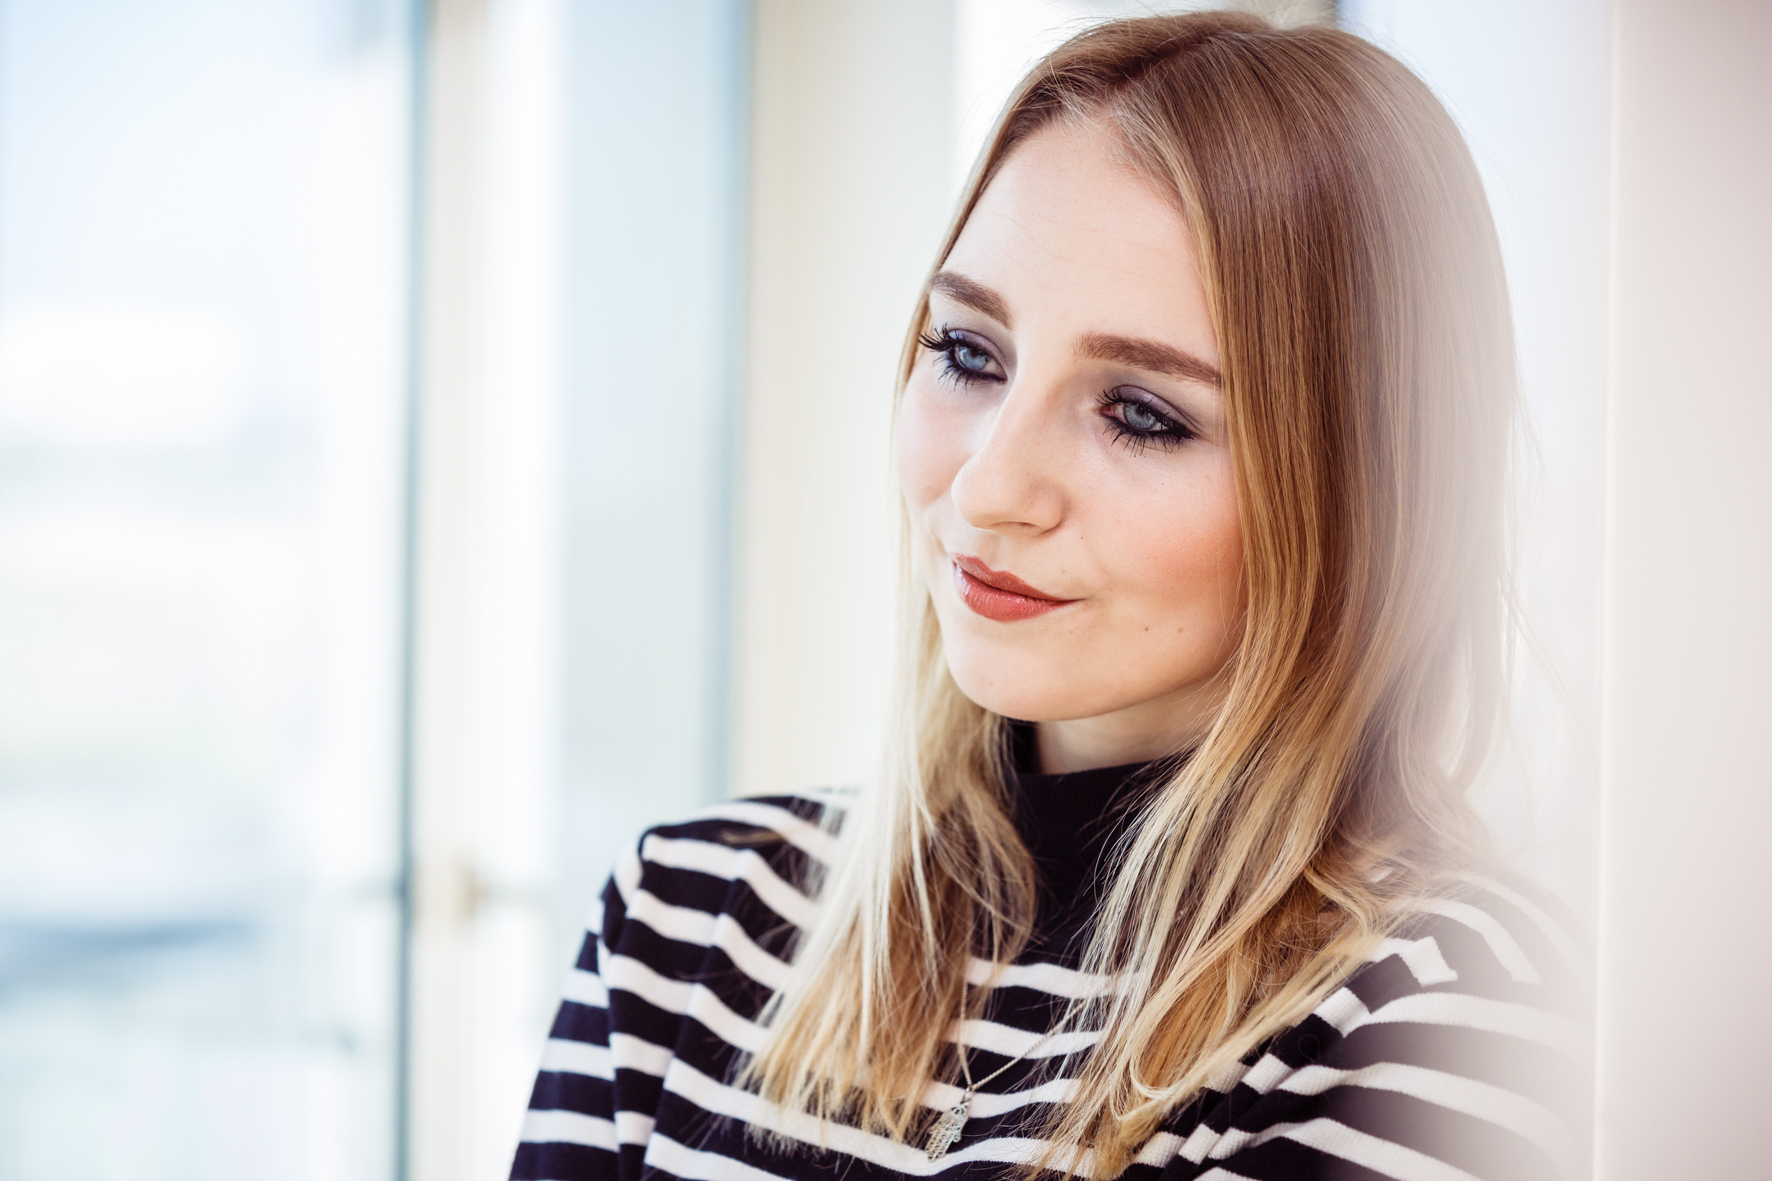 dm-trend-it-up-neuheiten-beauty-make-up-muc_215